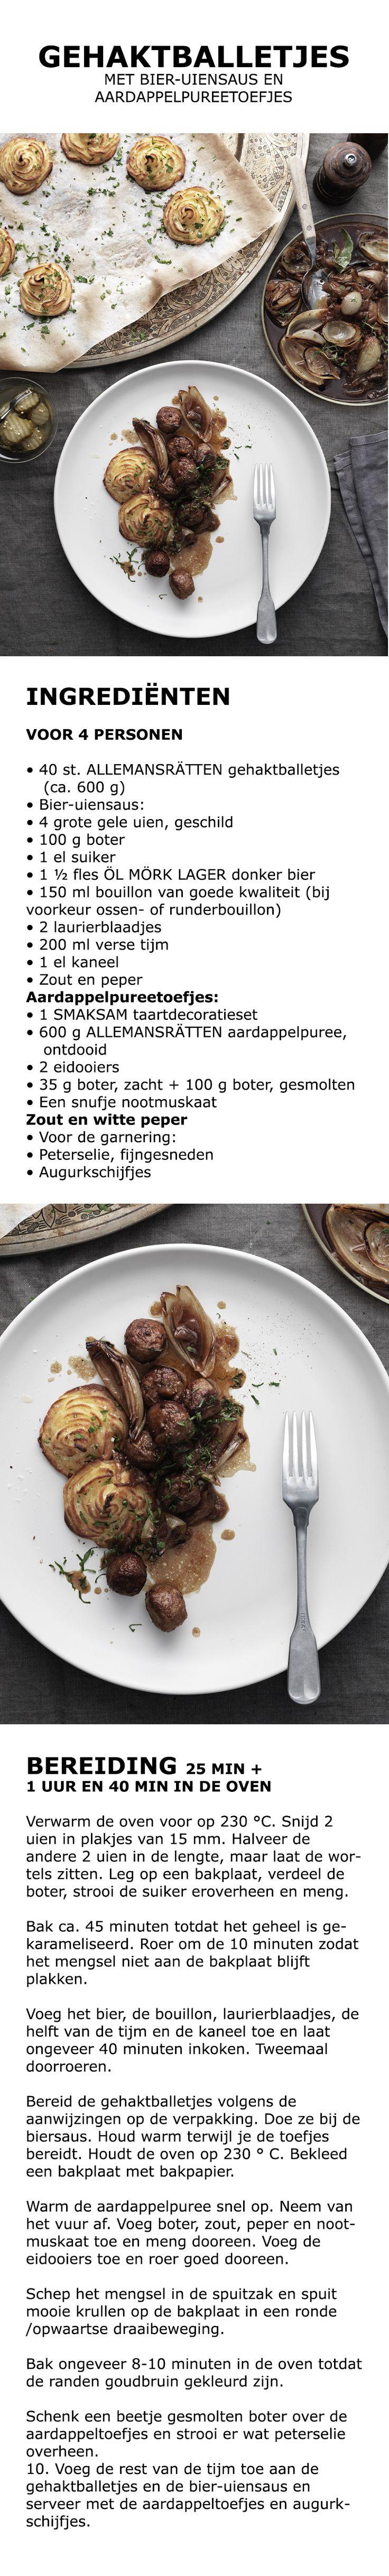 Inspiratie voor de feestdagen - Gehaktballetjes met bier-uiensaus en aardappelpureetoefjes | IKEA IKEAnederland koken keuken recept herfst winter kerst diner lunch ui bier laurier tijm kaneel puree ei nootmuskaat